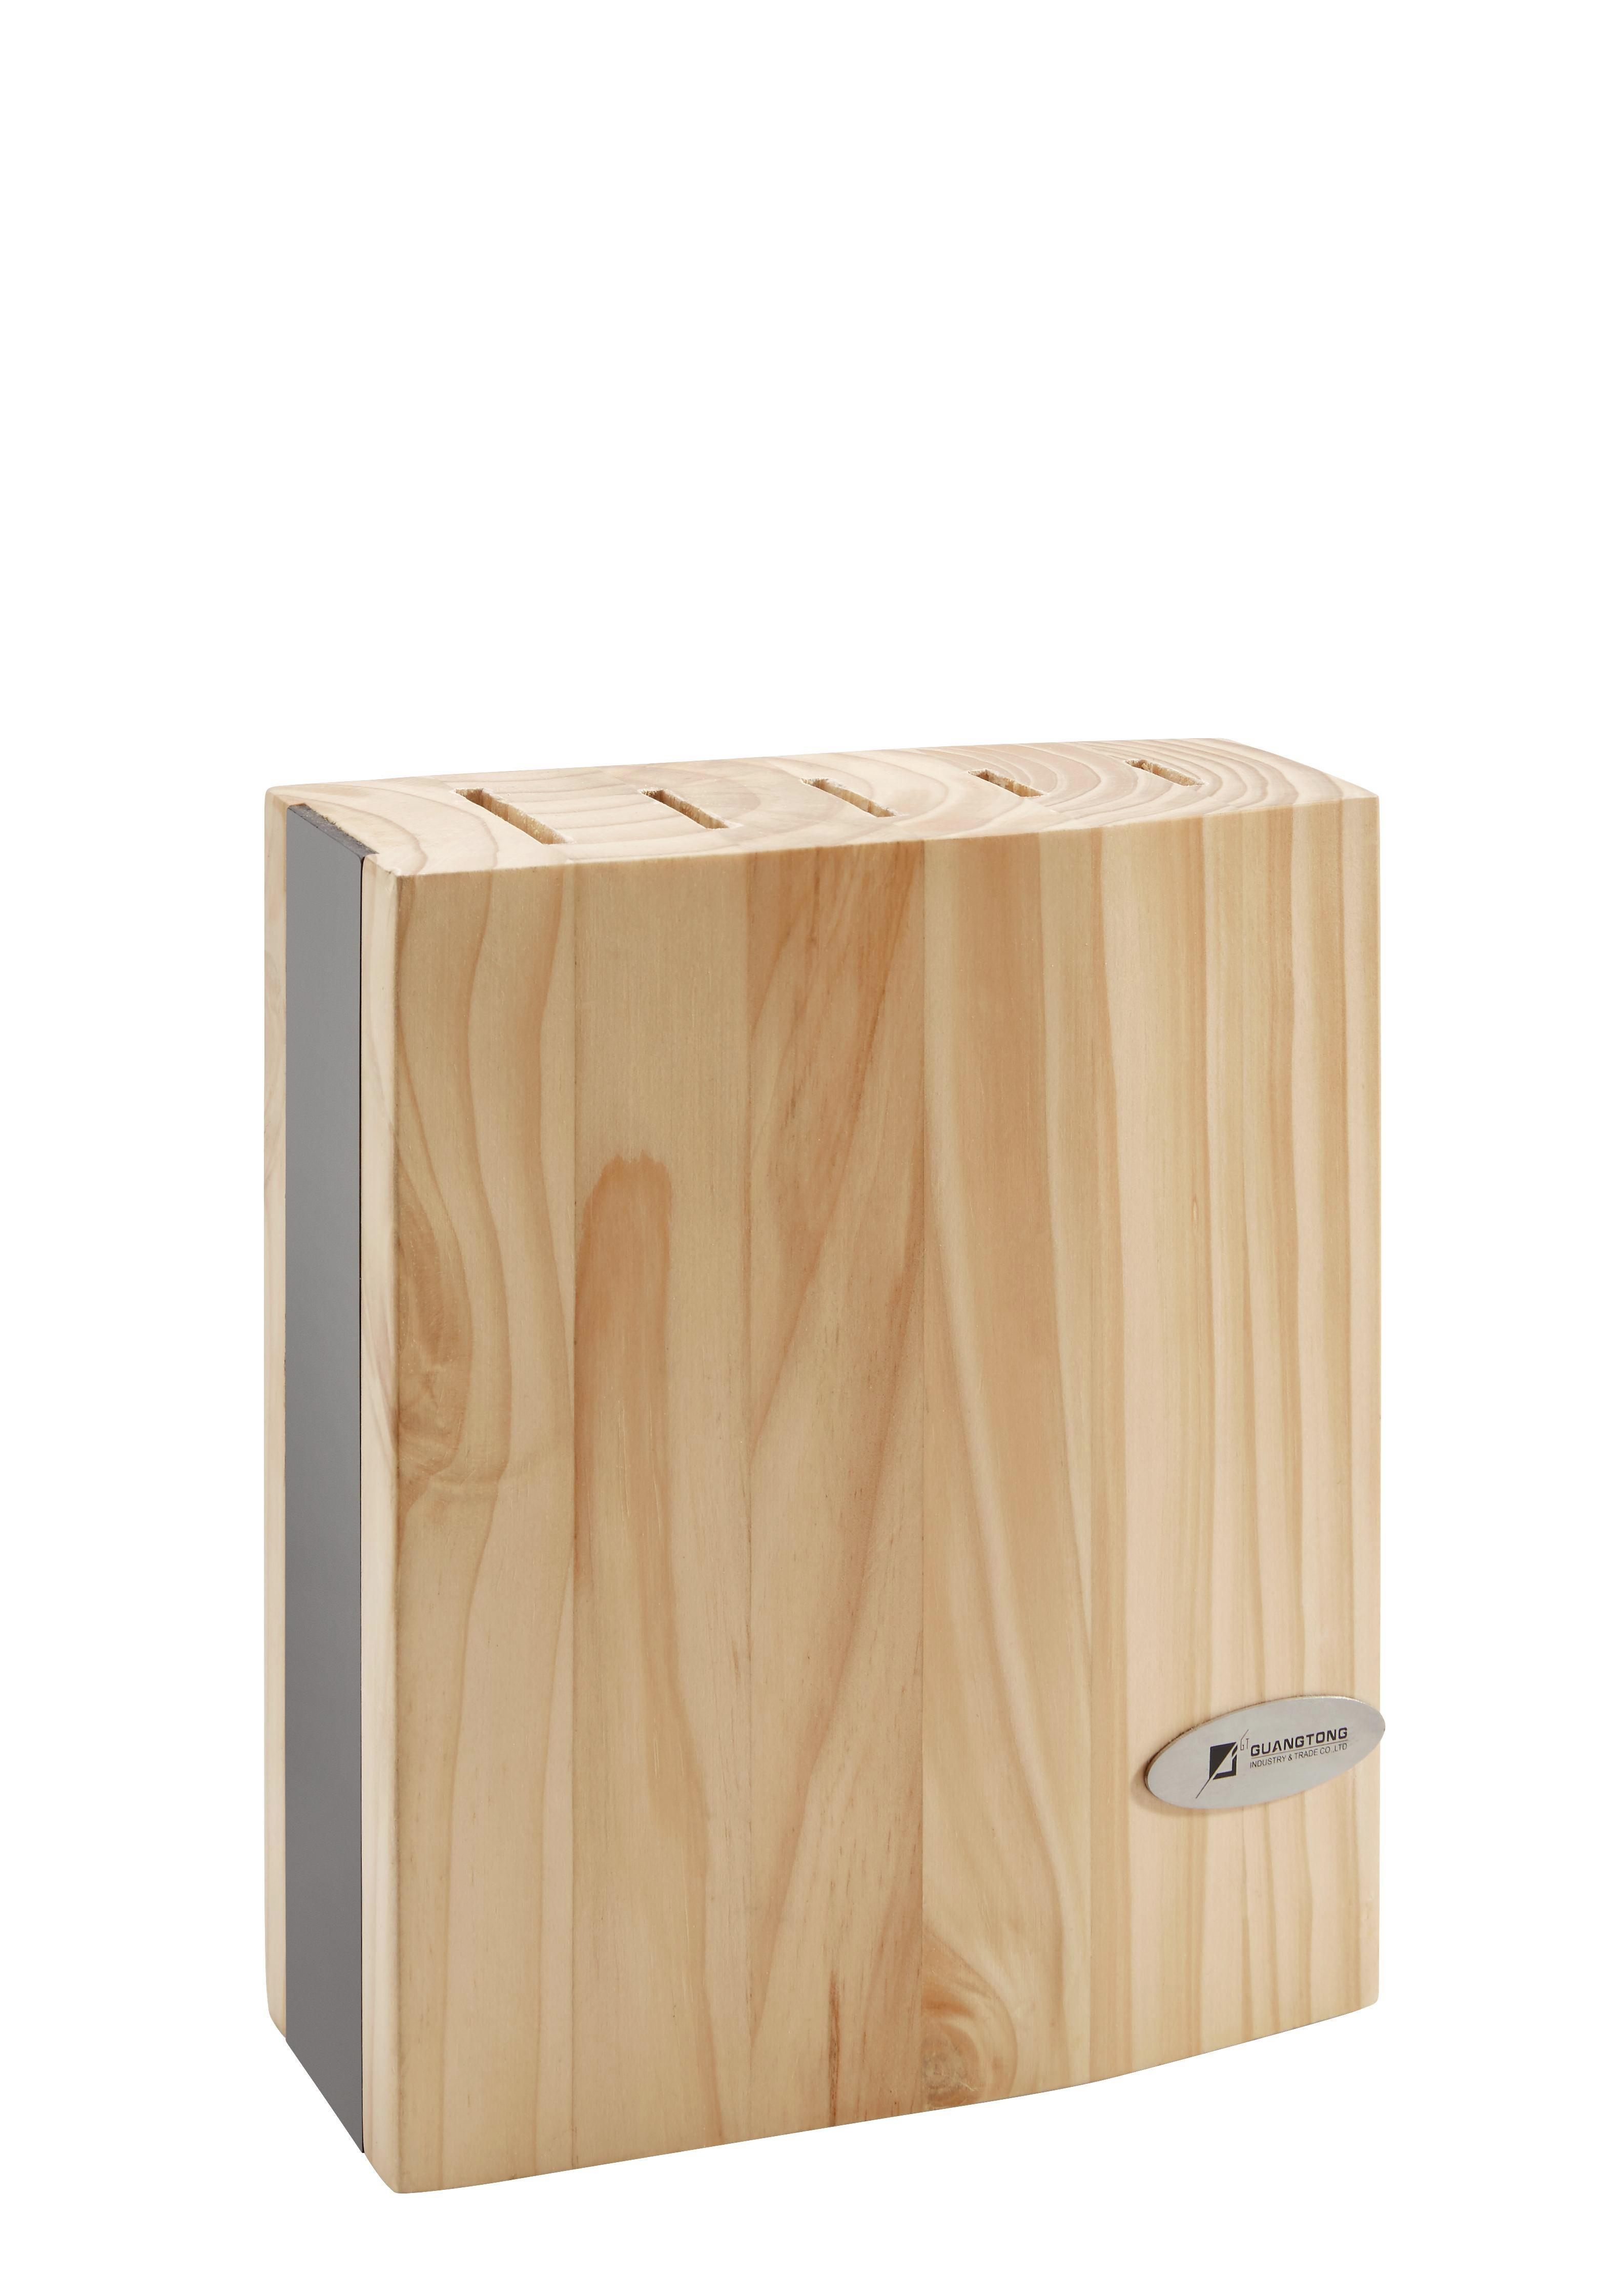 Messerblock Andy 6-teilig in Pinienfarben - Pinienfarben, Holz (18,5/36/8cm) - MÖMAX modern living